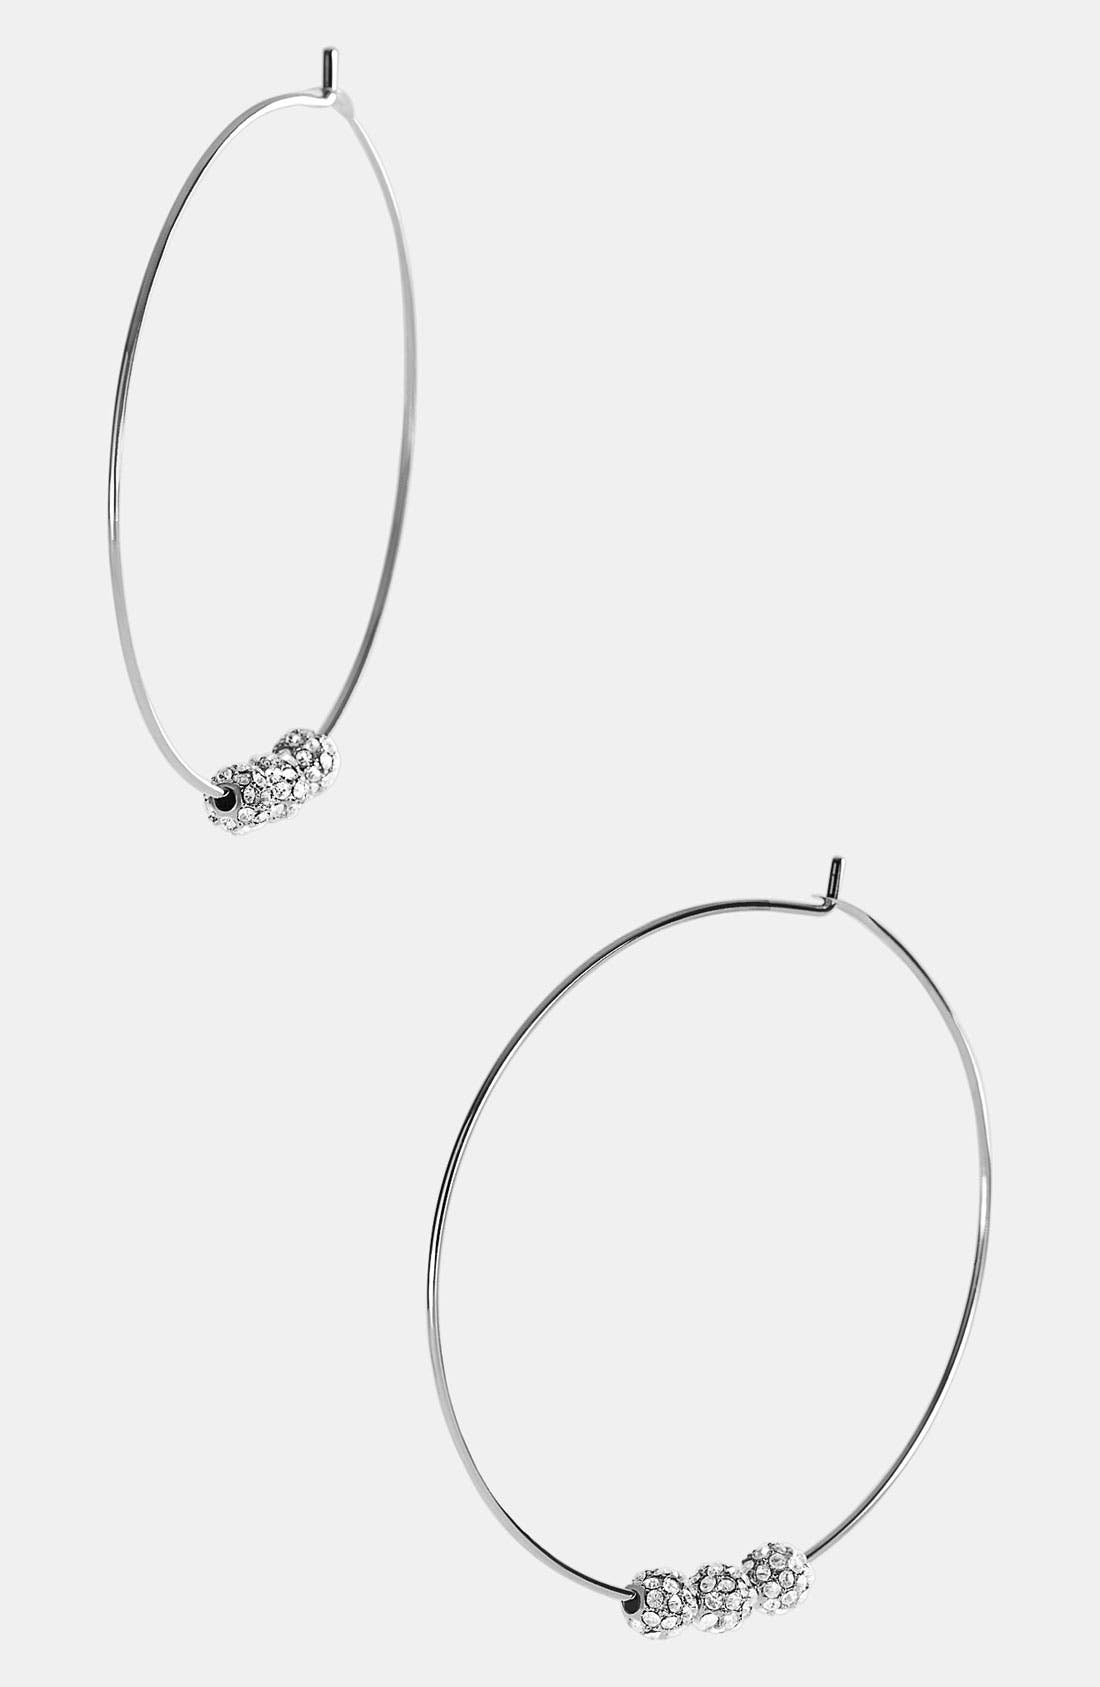 Alternate Image 1 Selected - Michael Kors 'Fireball Whisper' Large Hoop Earrings